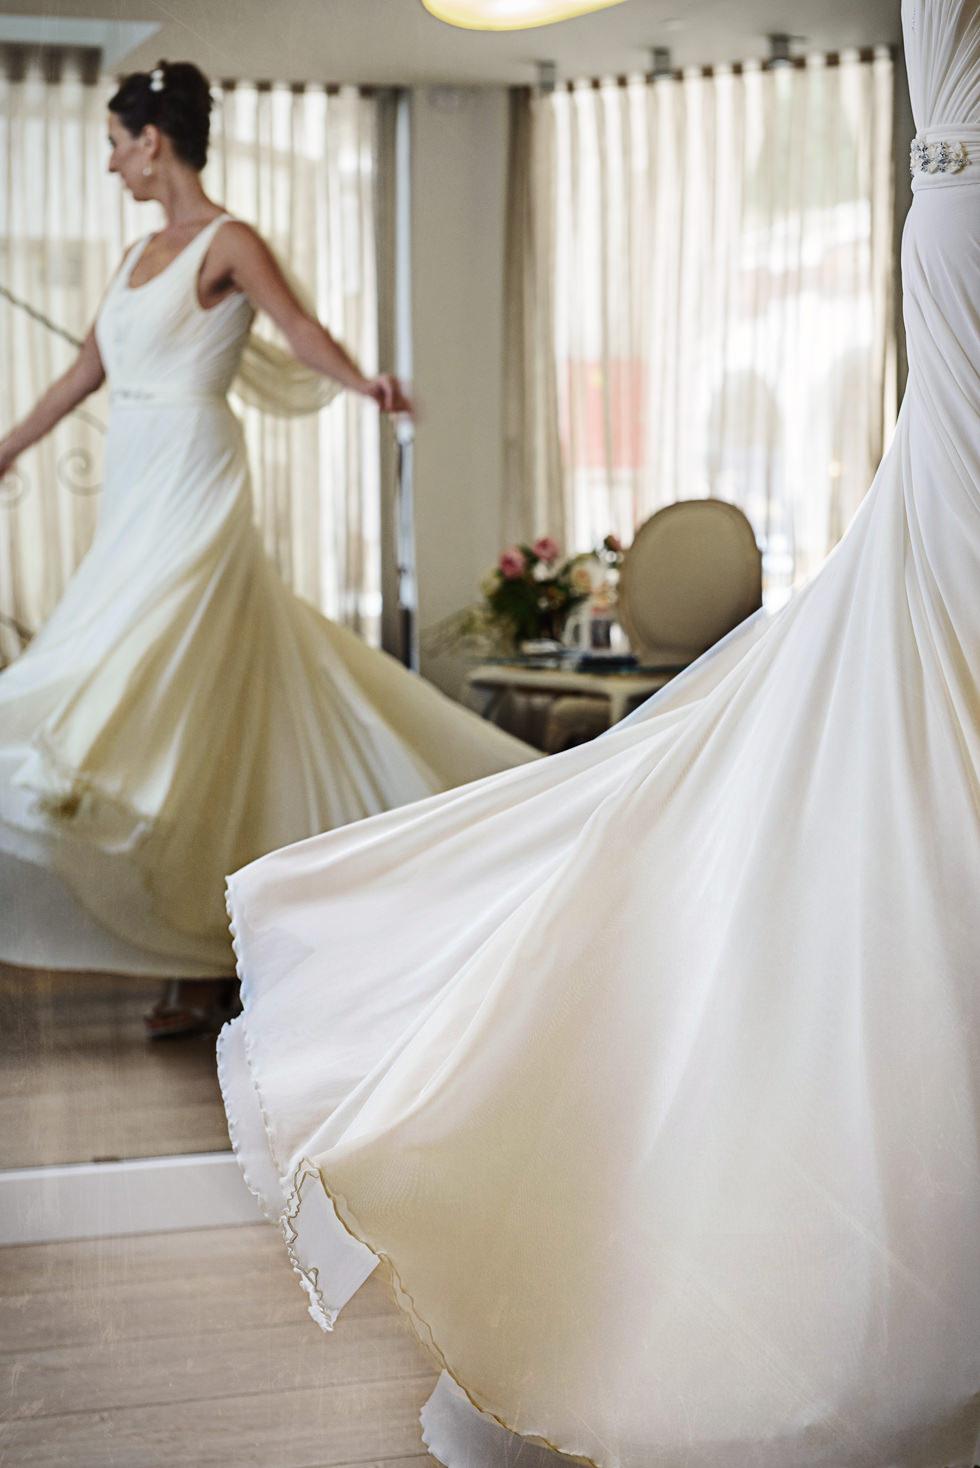 Edna & Roe's wedding 010.jpg